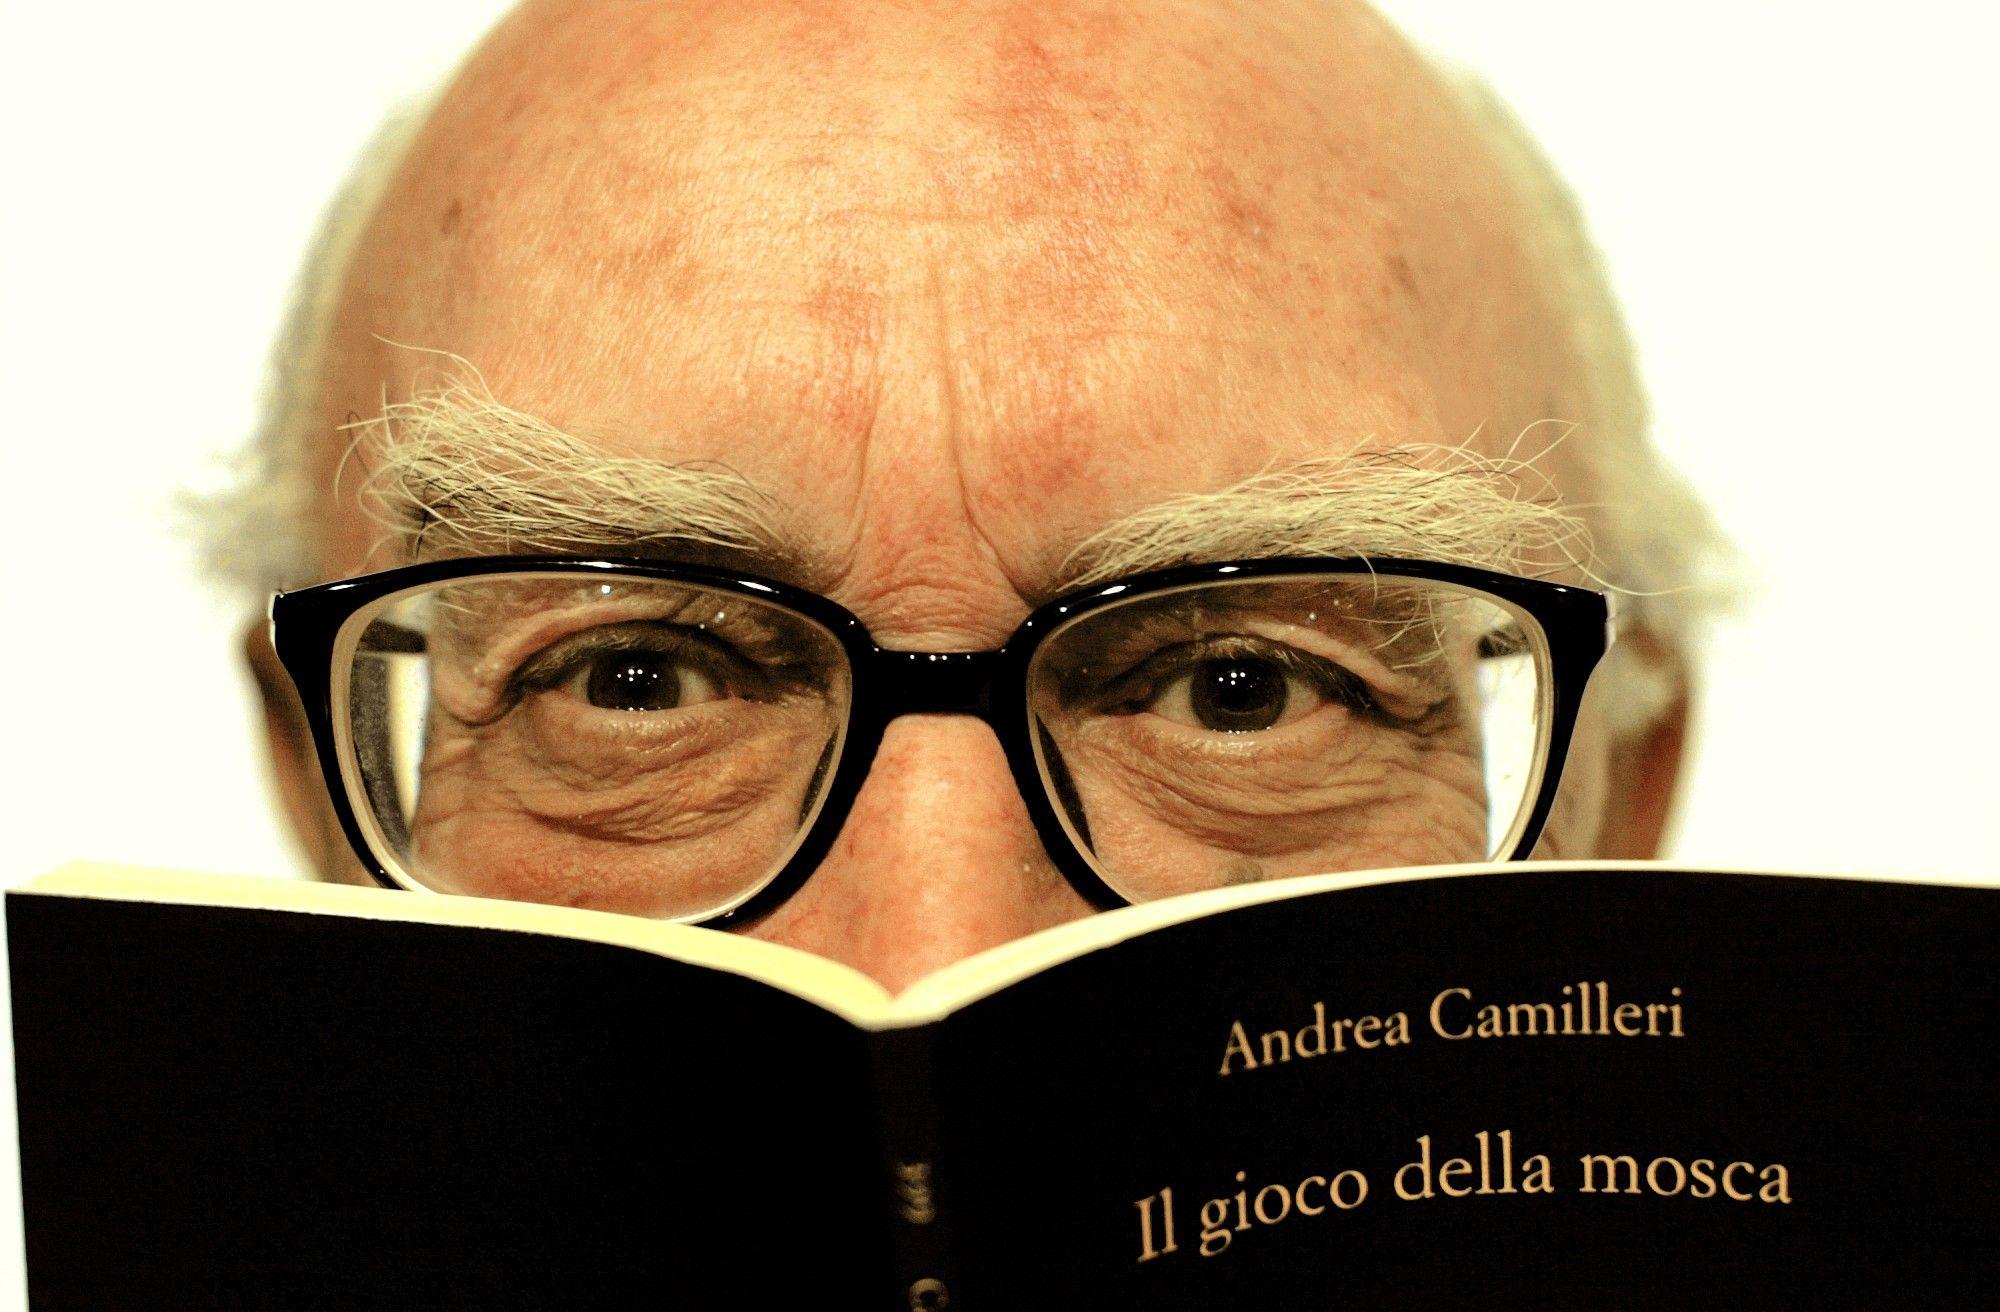 'Camilleri a prima vista': le copertine del commissario Montalbano in mostra a Bologna dal 17 settembre al 19 ottobre